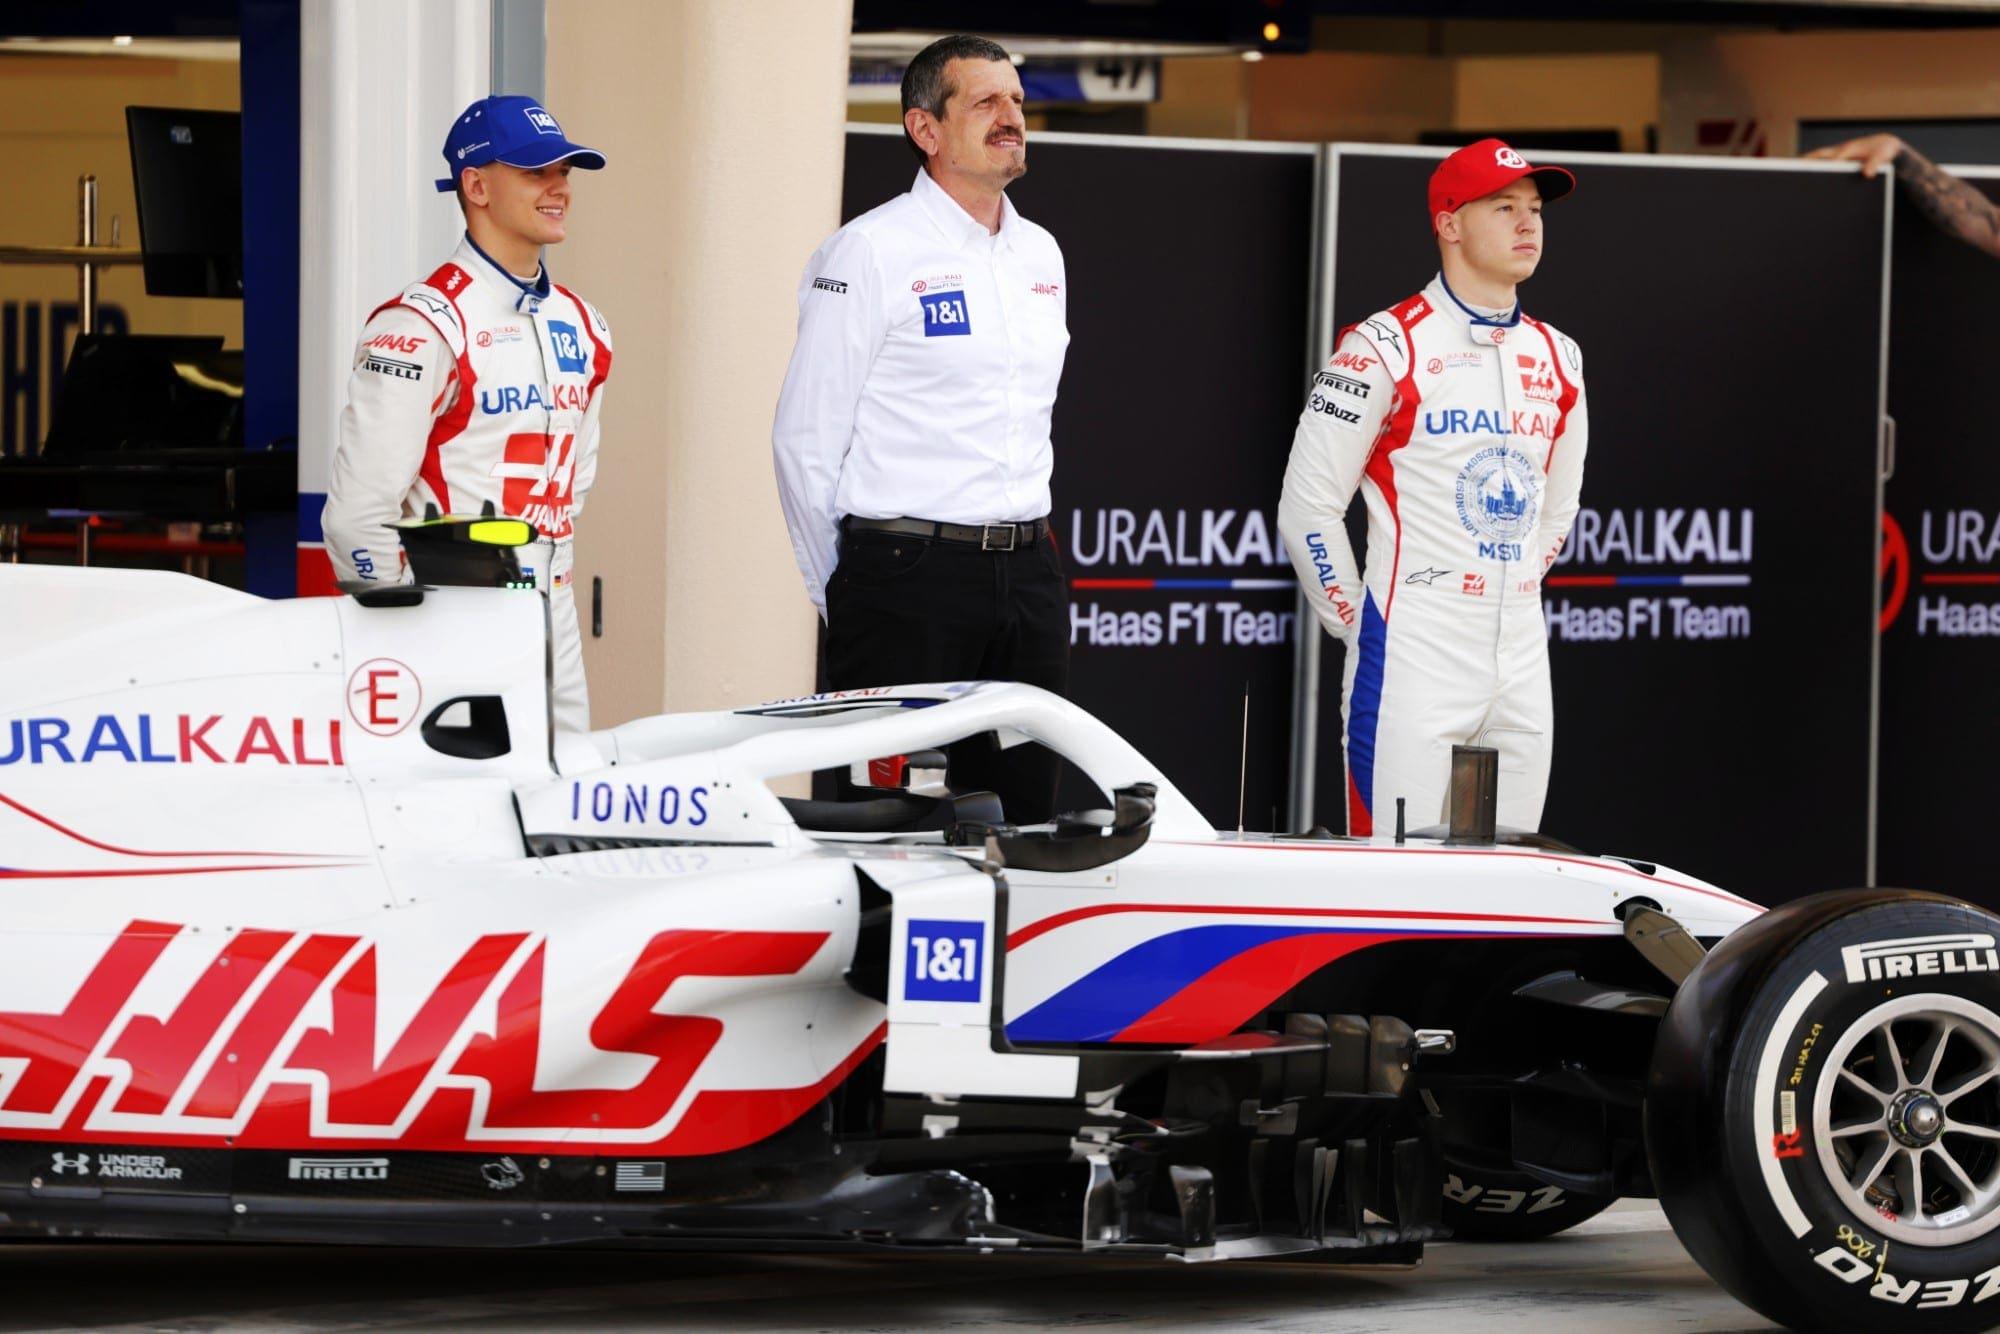 Incidente entre Schumacher e Mazepin não foi muito perigoso, diz chefe da Haas F1